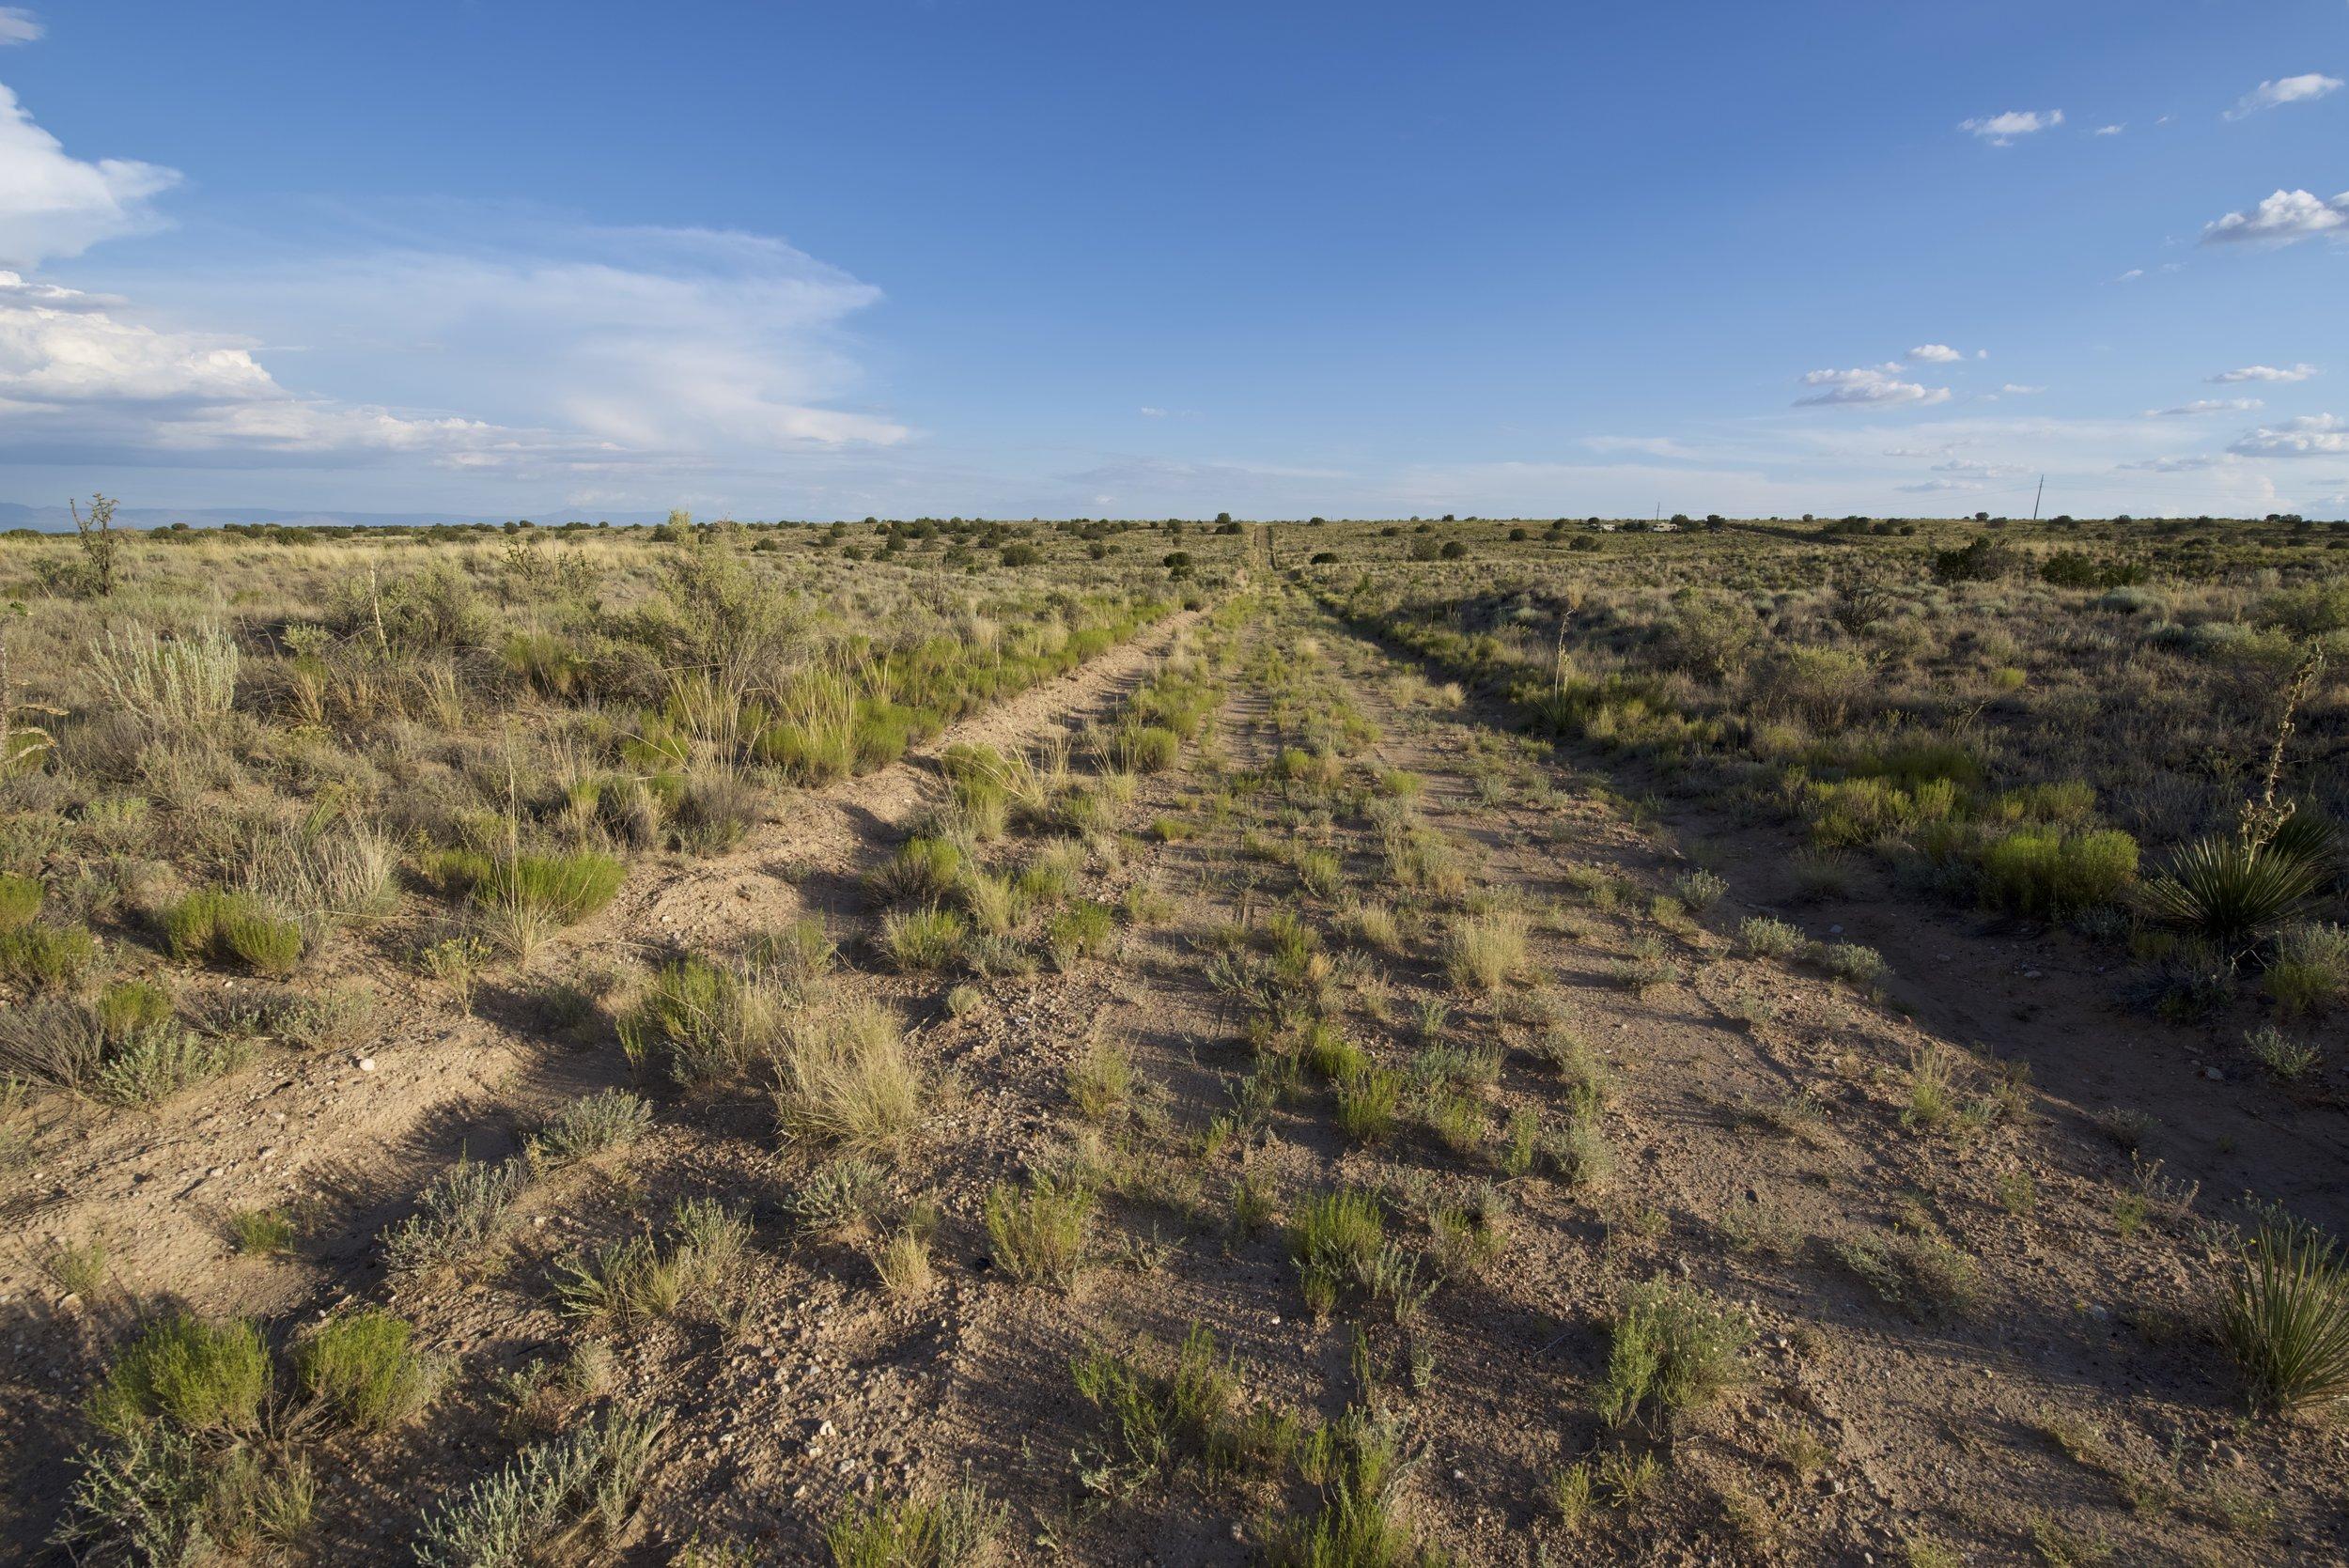 SNNM-BFG-rio-rancho-132751.jpg